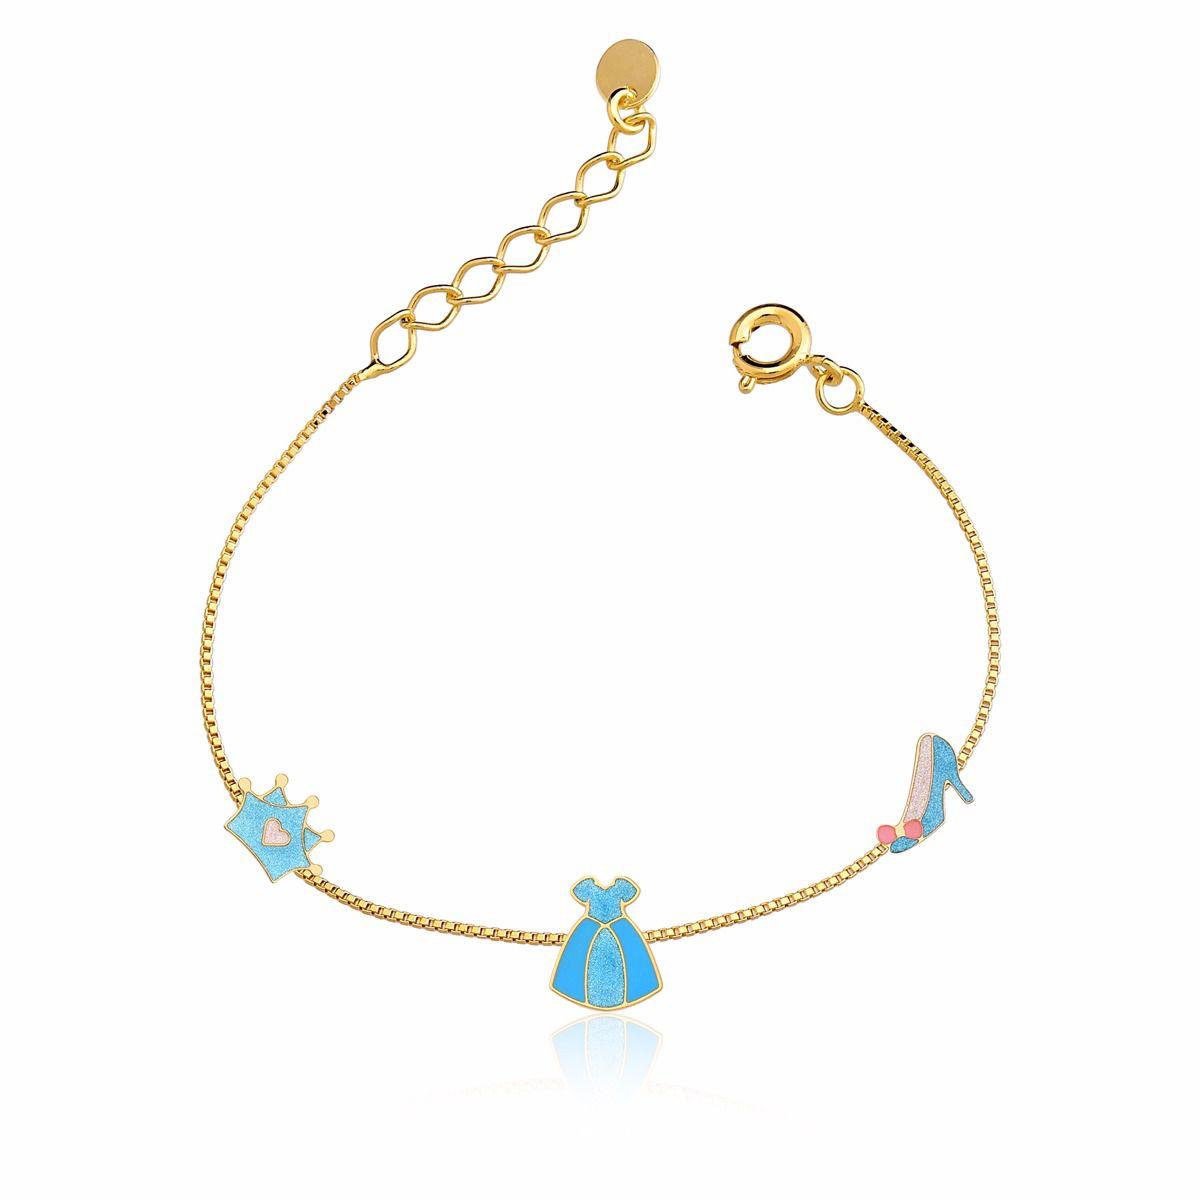 Pulseira Vestido e Coroa de Princesa Azul Fl Ouro 18k   - Constelação Jóias